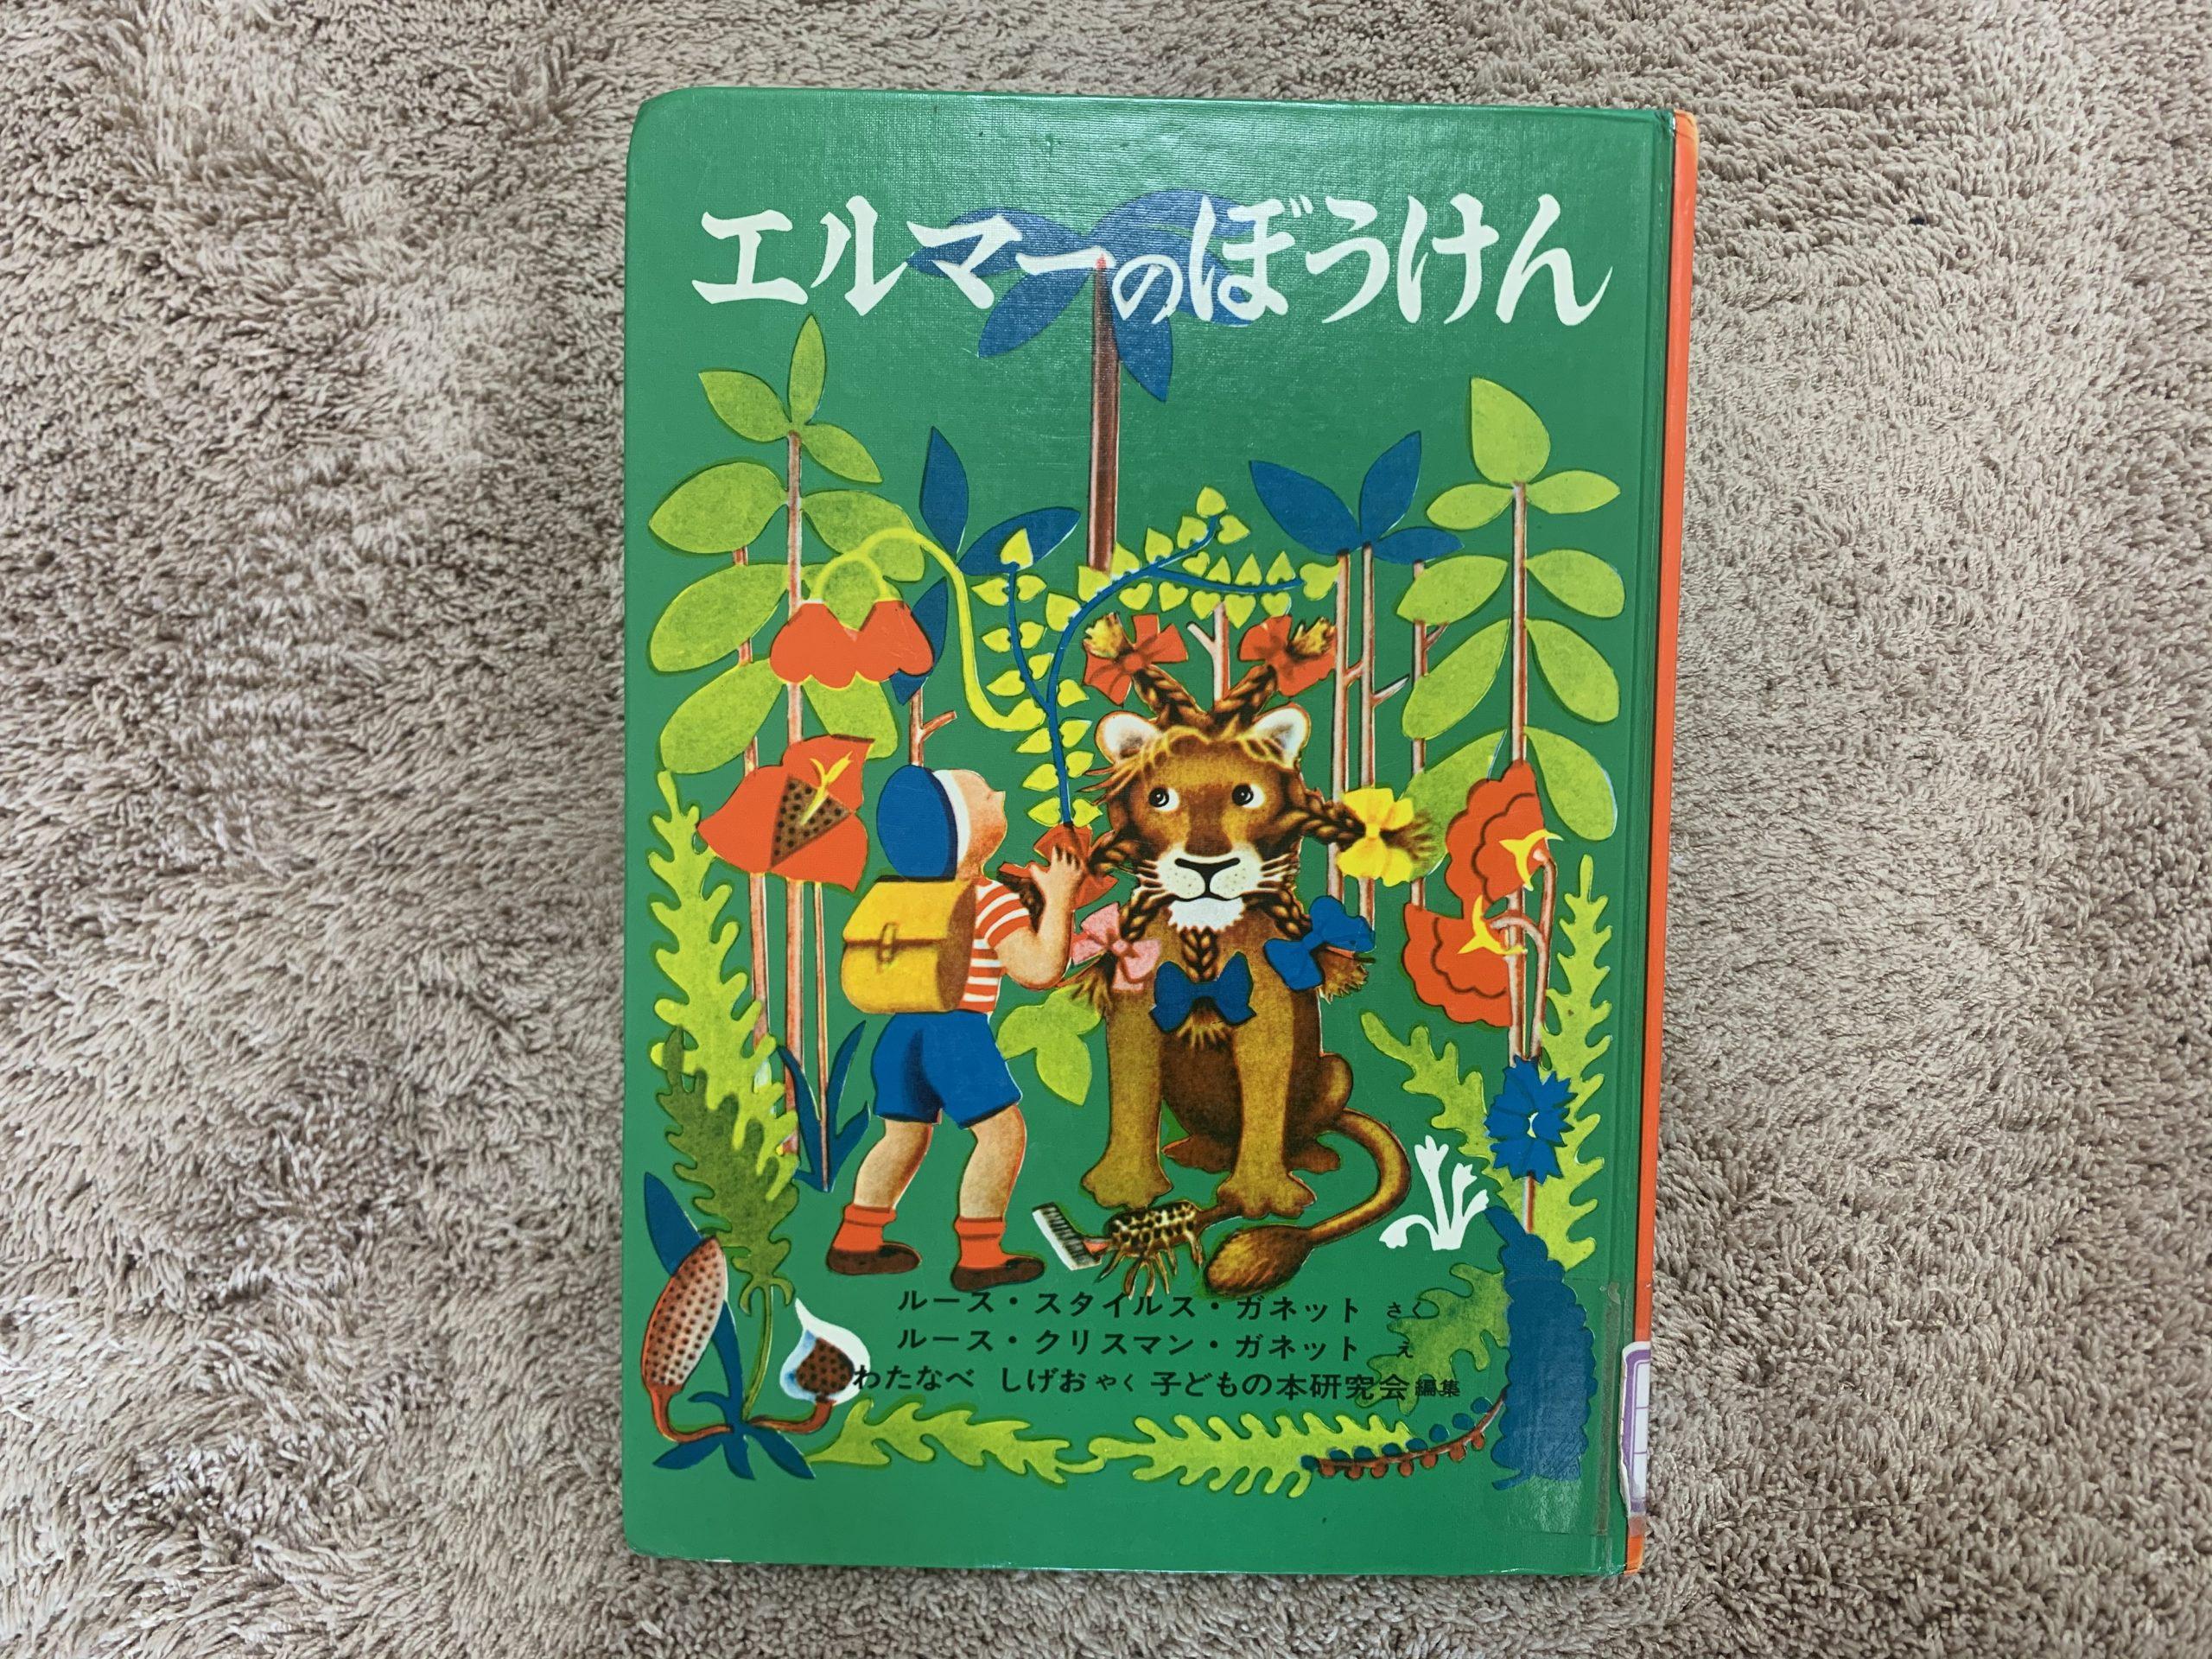 冒険 エルマー の 幼稚園の年長担任をしています。エルマーの冒険のように少し長編の本で年長向け